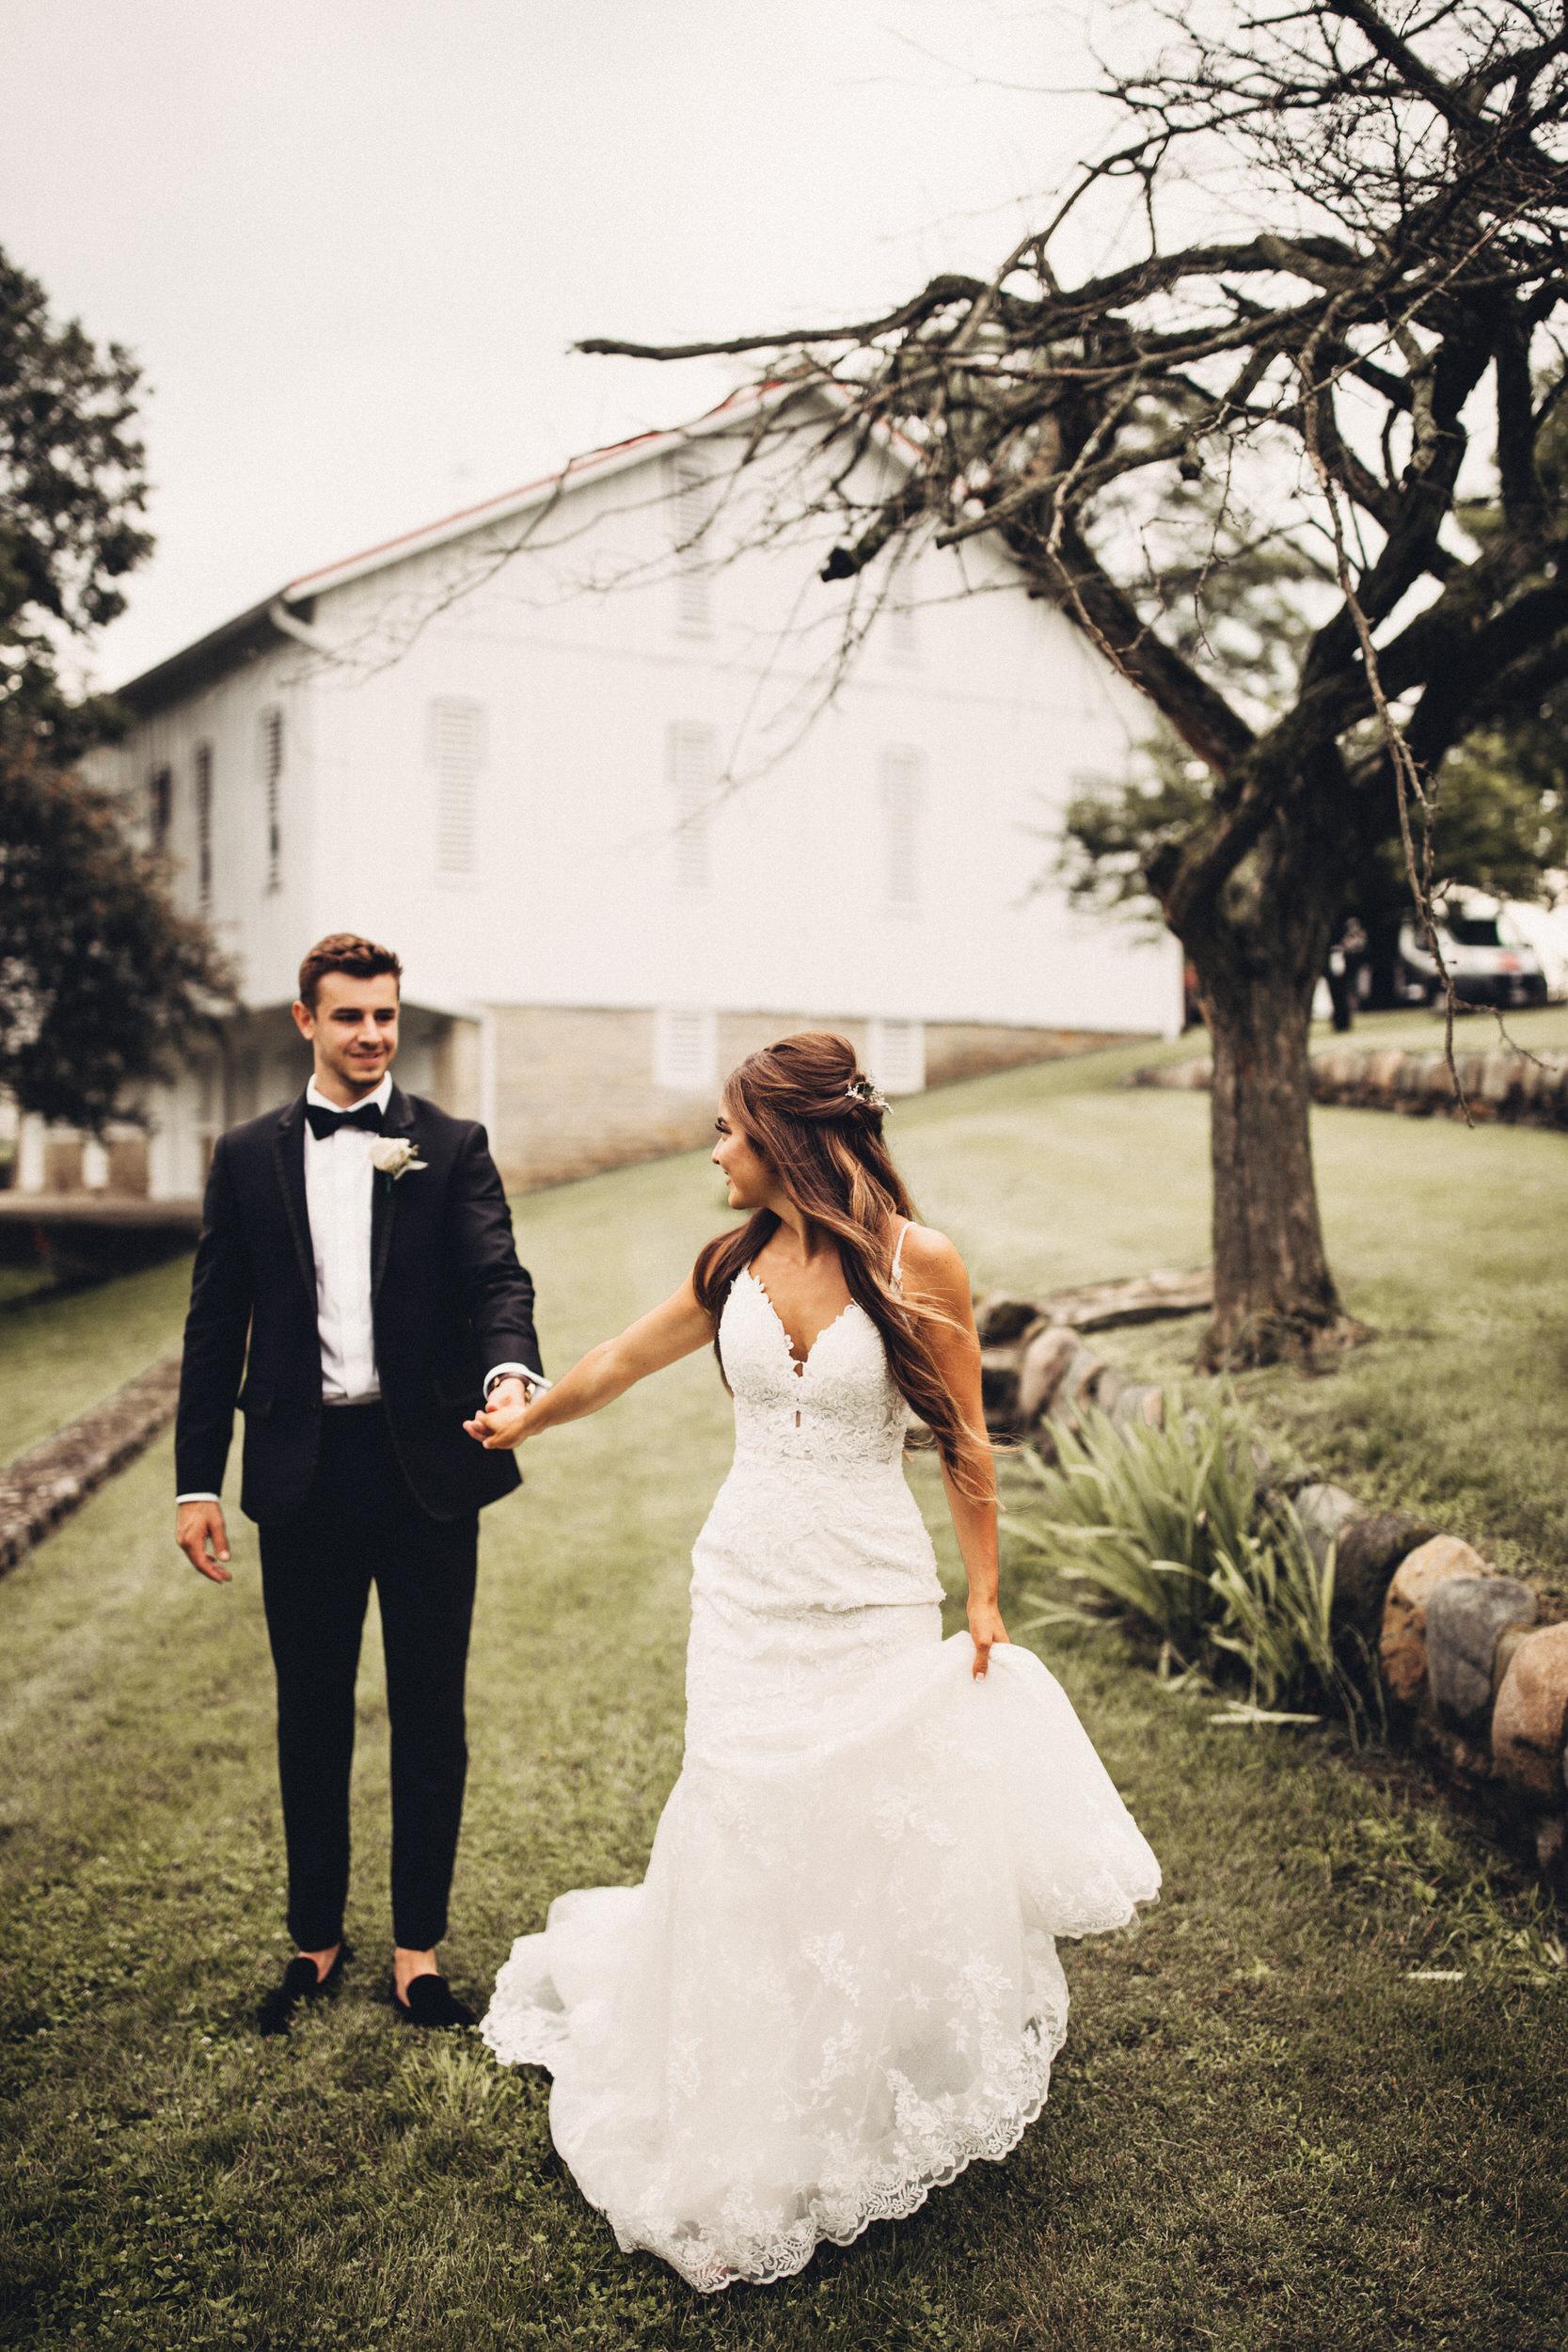 Editorial_Ohio_Farmhouse_Wedding_49.JPG